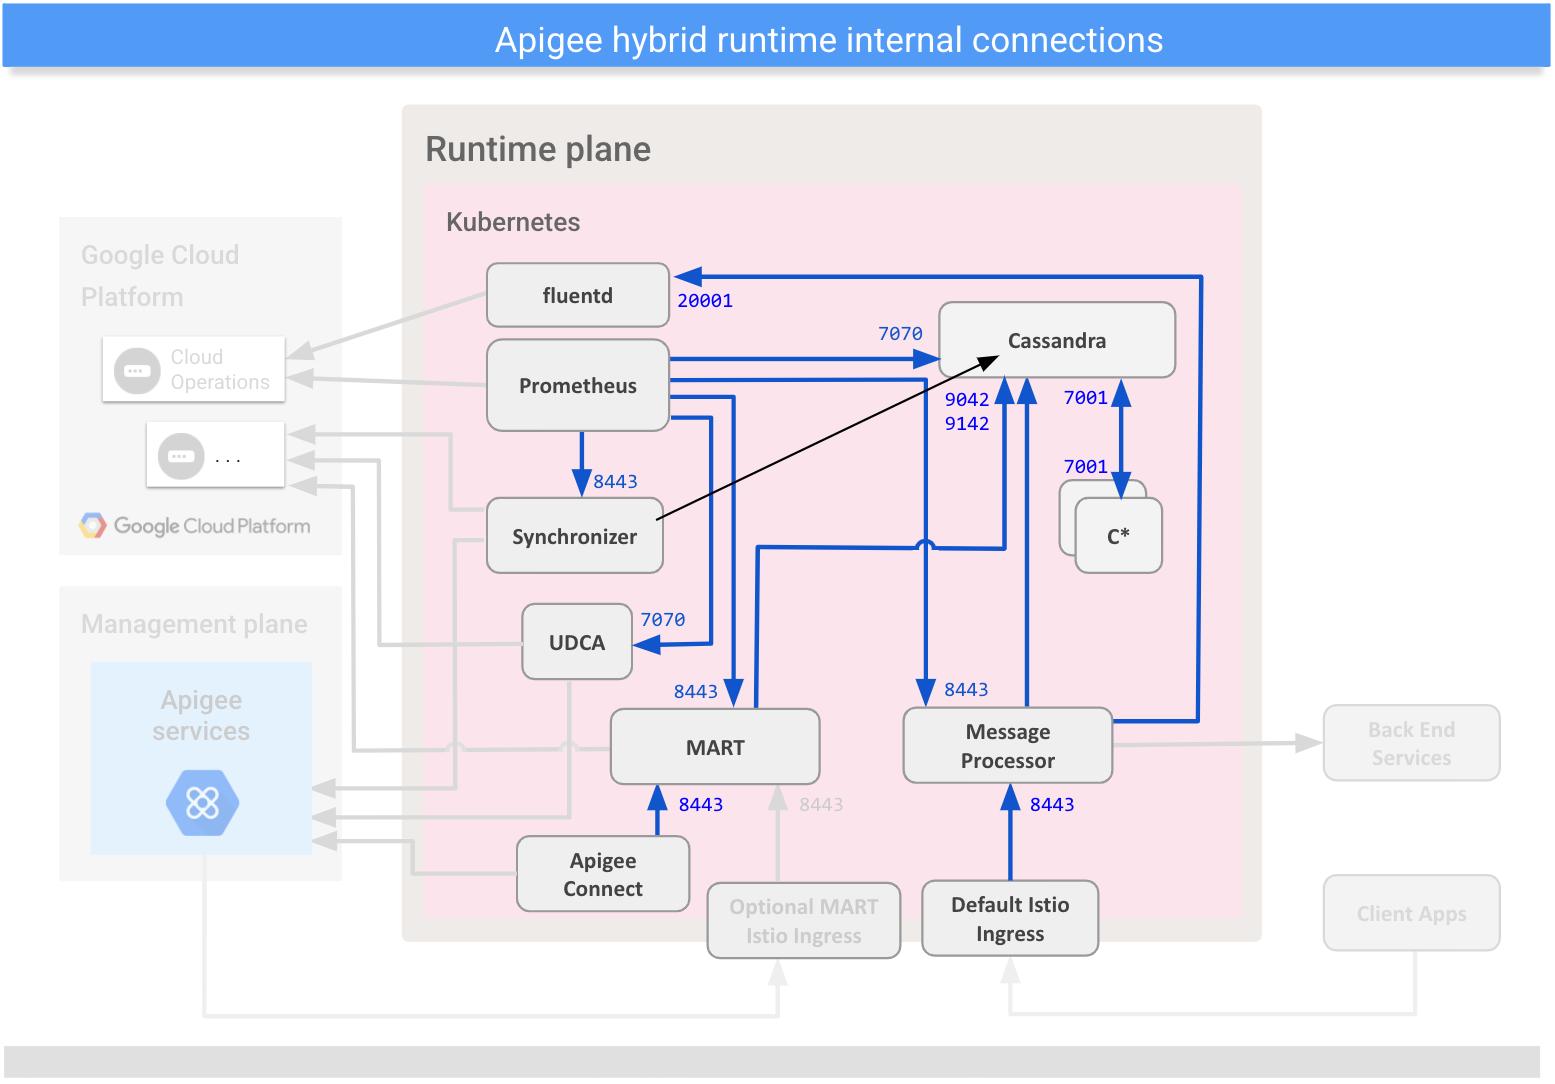 하이브리드 런타임 영역의 내부 구성요소 간의 연결을 보여줌